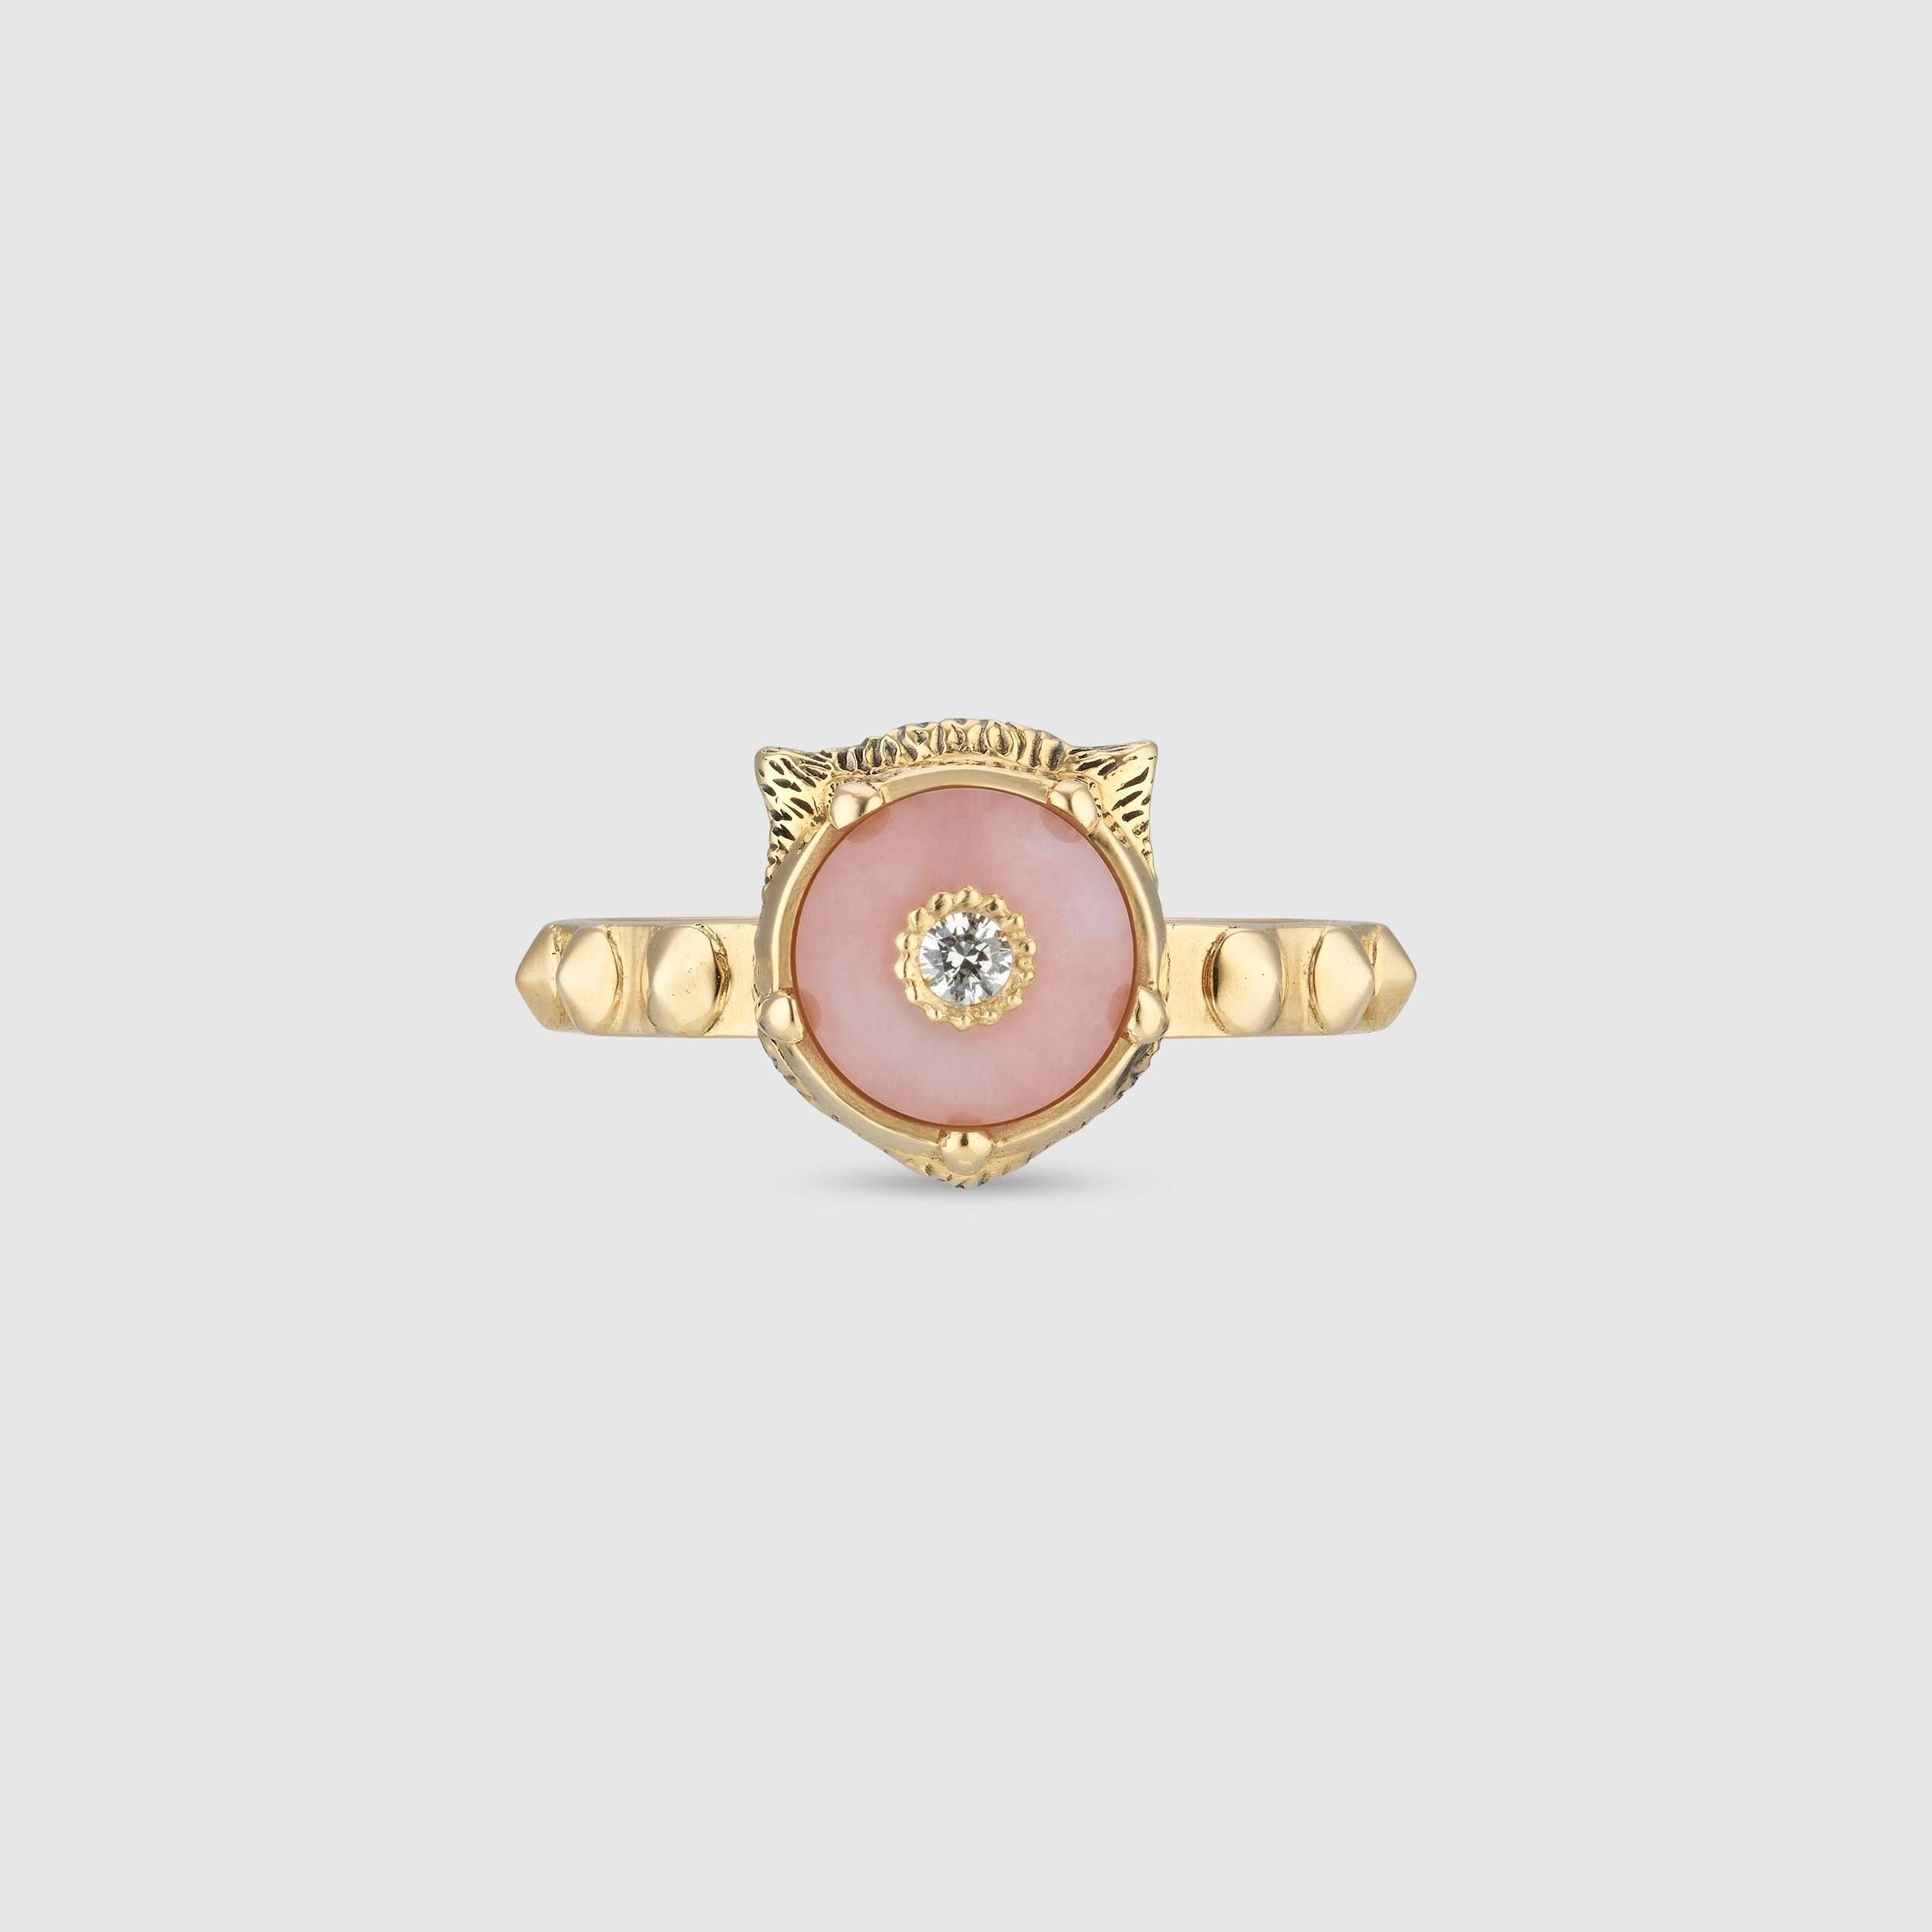 1c7e47a4935 Le Marché des Merveilles ring in 18k yellow gold